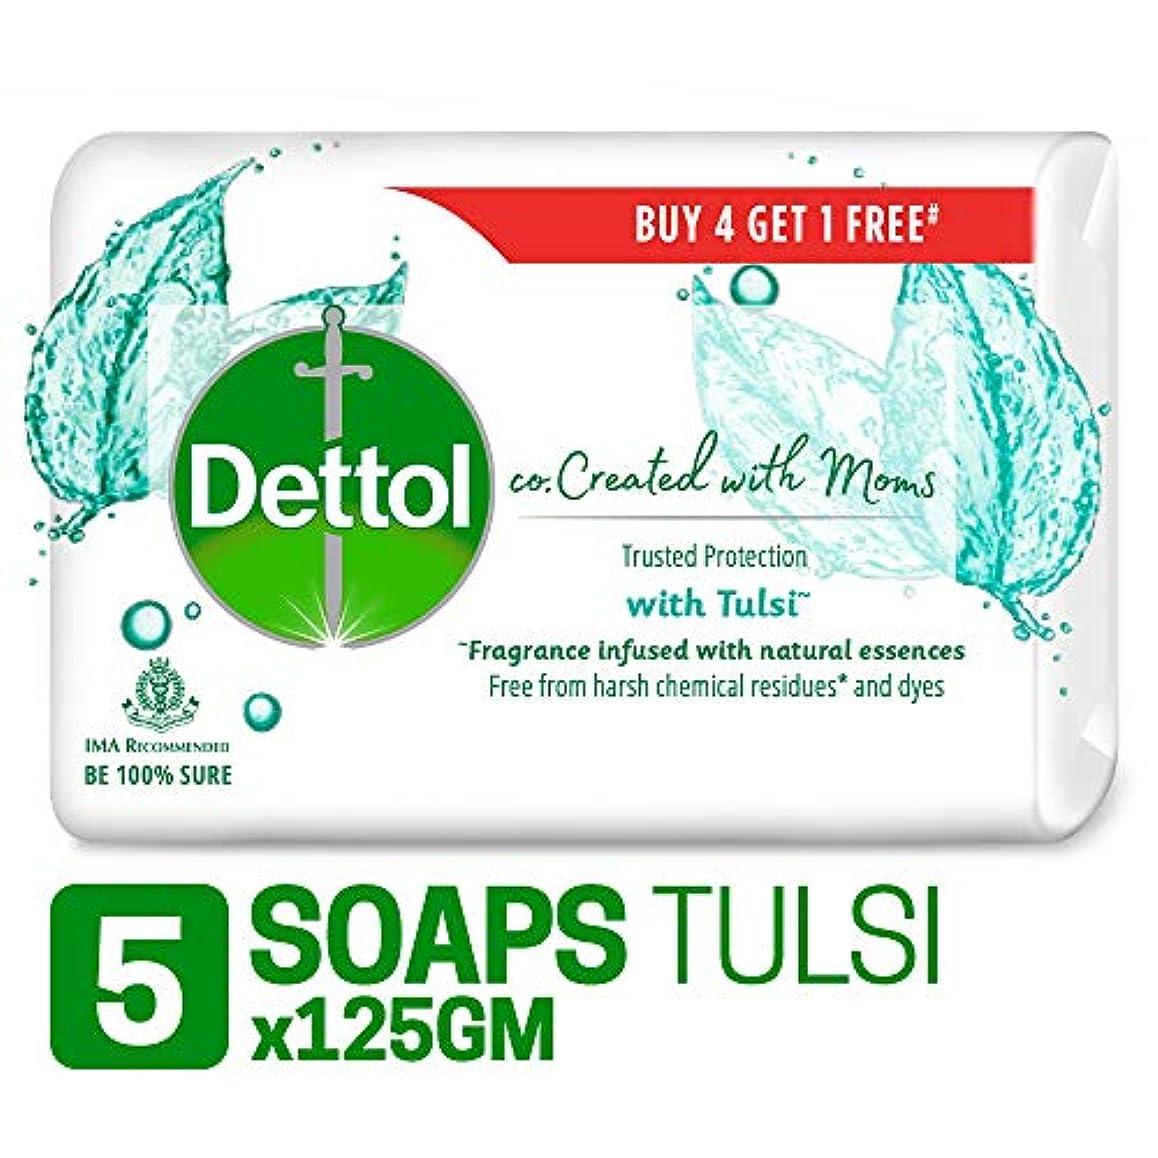 まだら修道院計り知れないDettol Co-created with moms Tulsi Bathing Soap, 125gm (Buy 4 Get 1 Free)